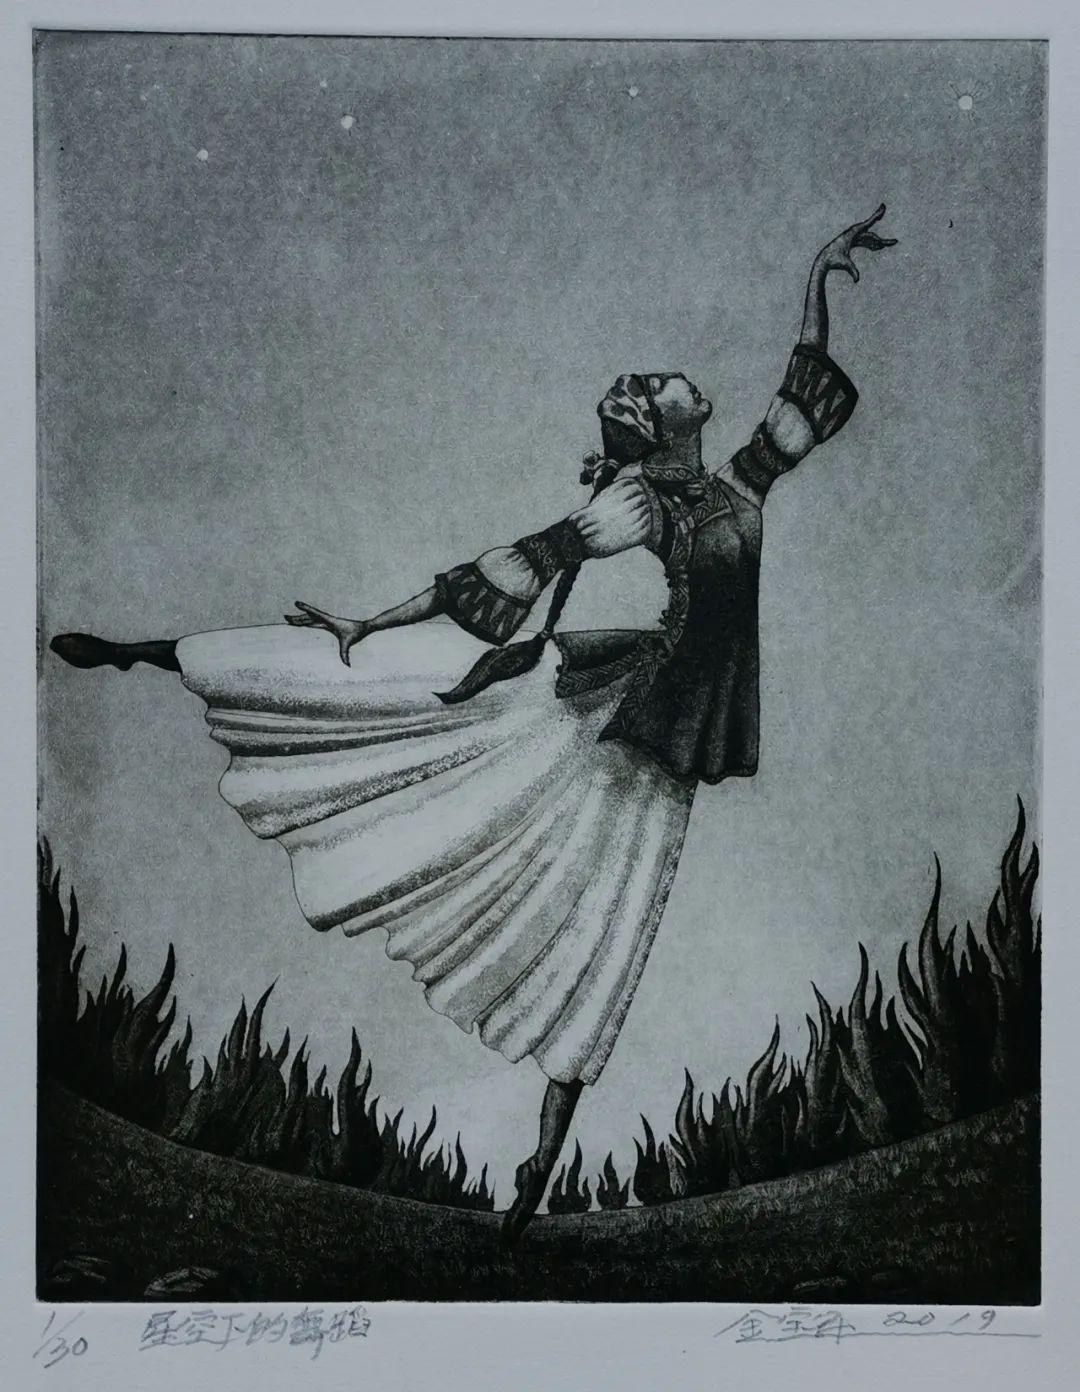 内蒙古当代美术家系列--金宝军 第10张 内蒙古当代美术家系列--金宝军 蒙古画廊